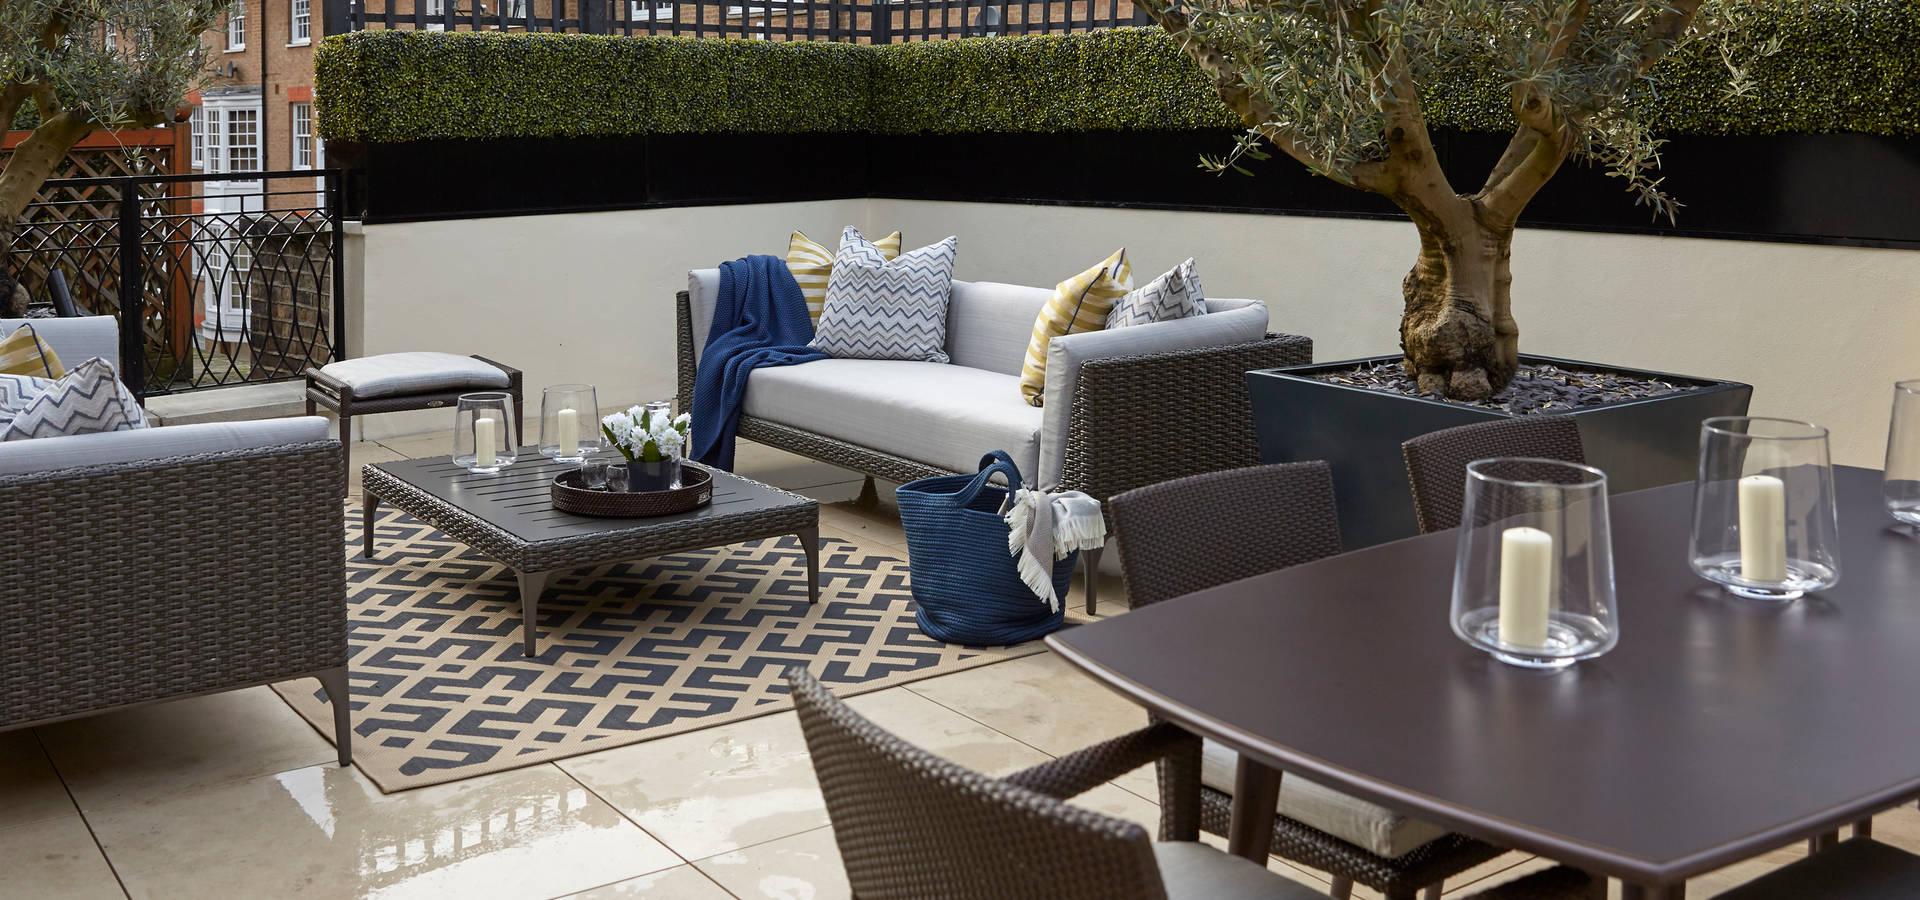 FORK Garden Design